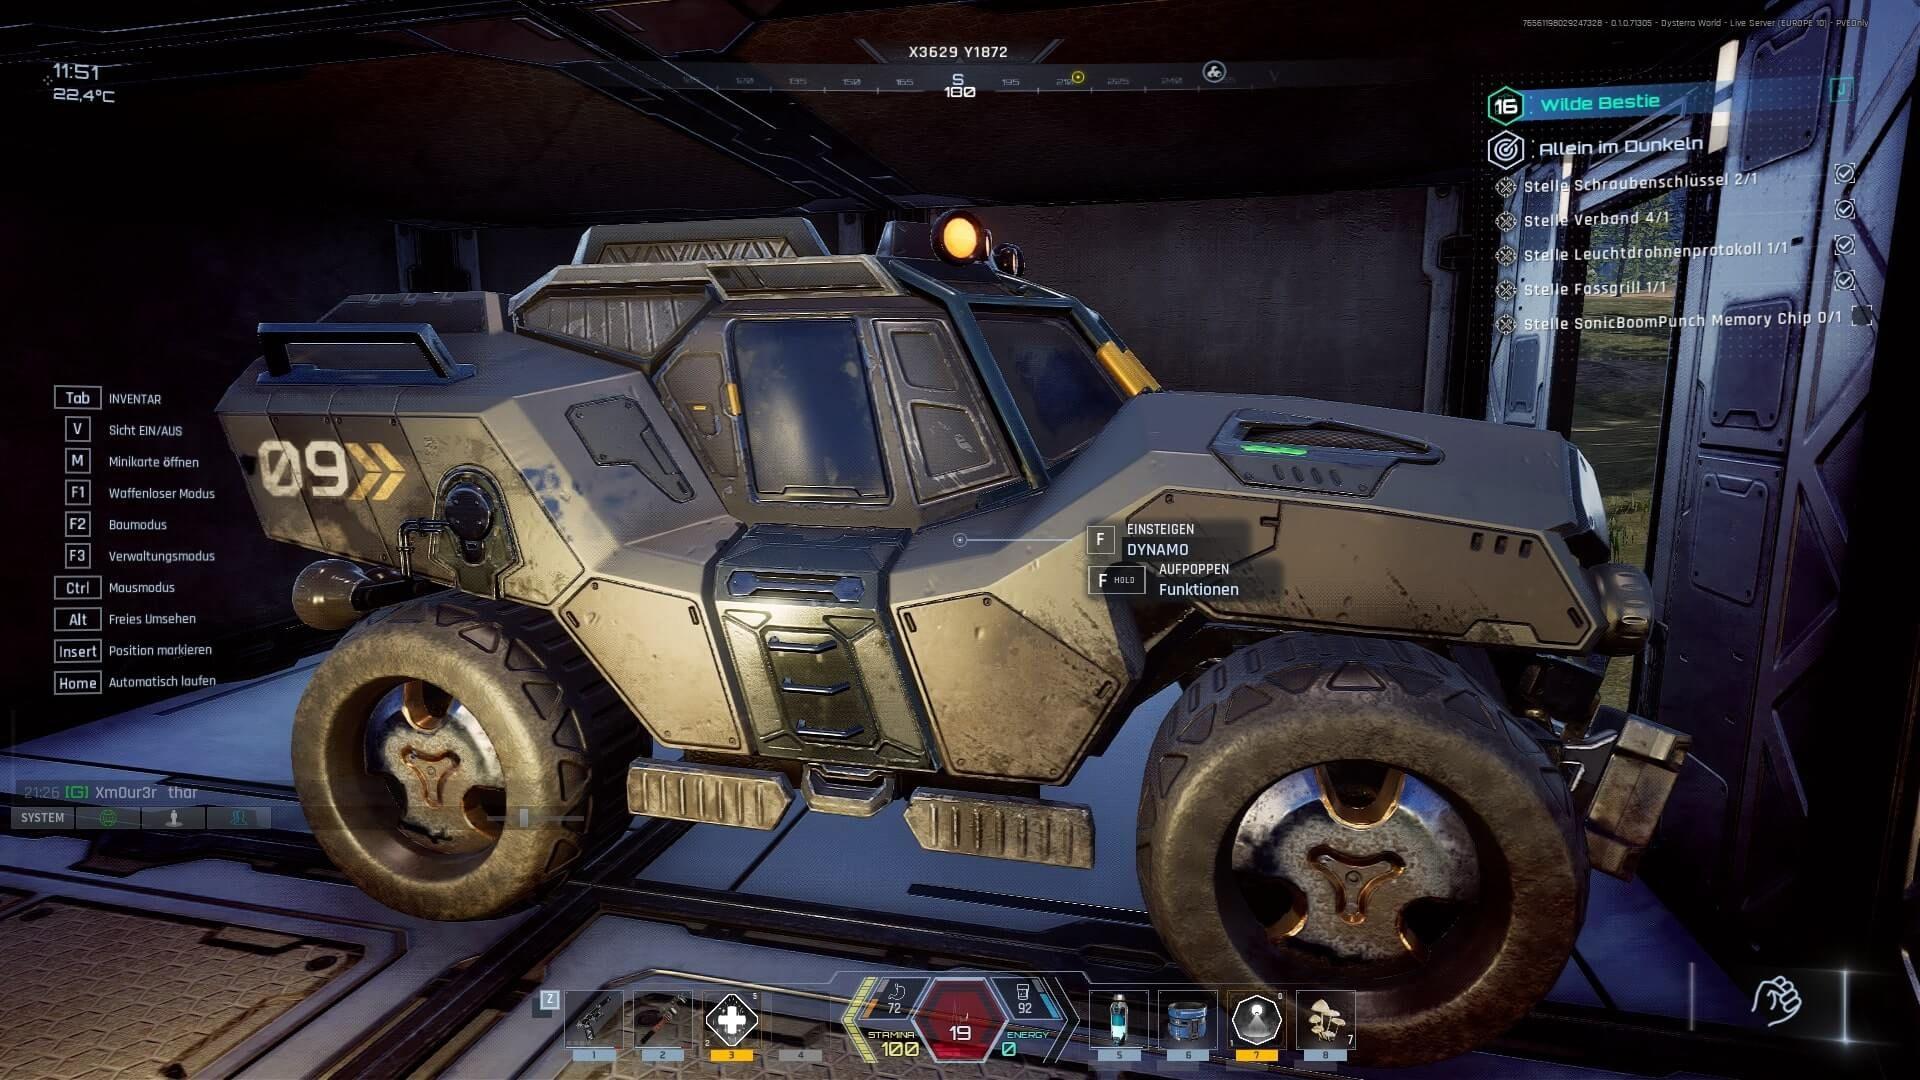 Dysterra Fahrzeug